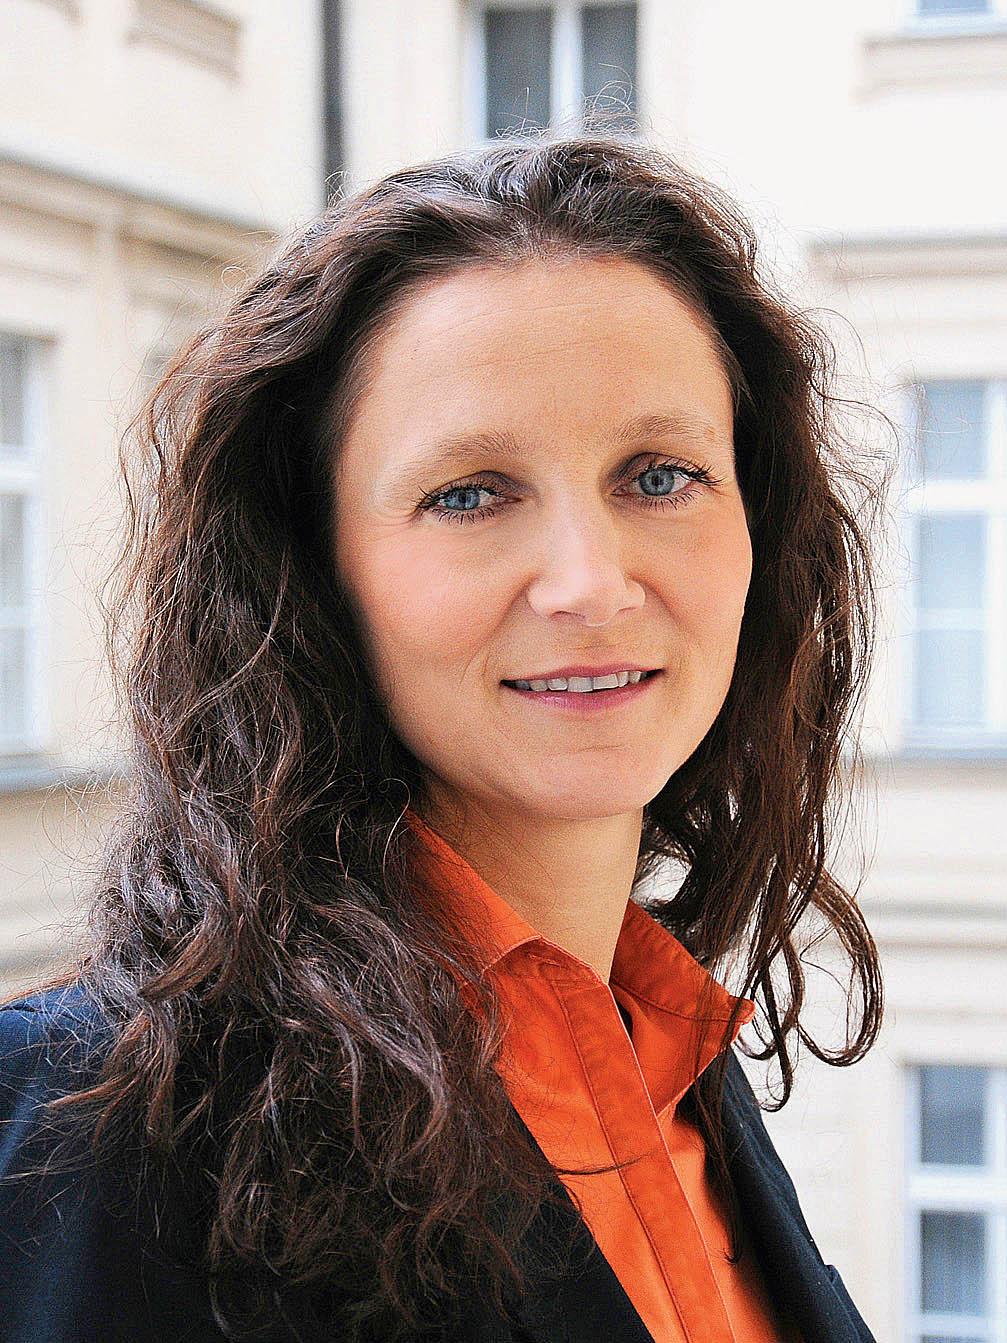 Barbora Tomšovská, ředitelka poradenské společnosti Touchdown, varuje před tendencemi k mikromanagementu. Je frustrující.